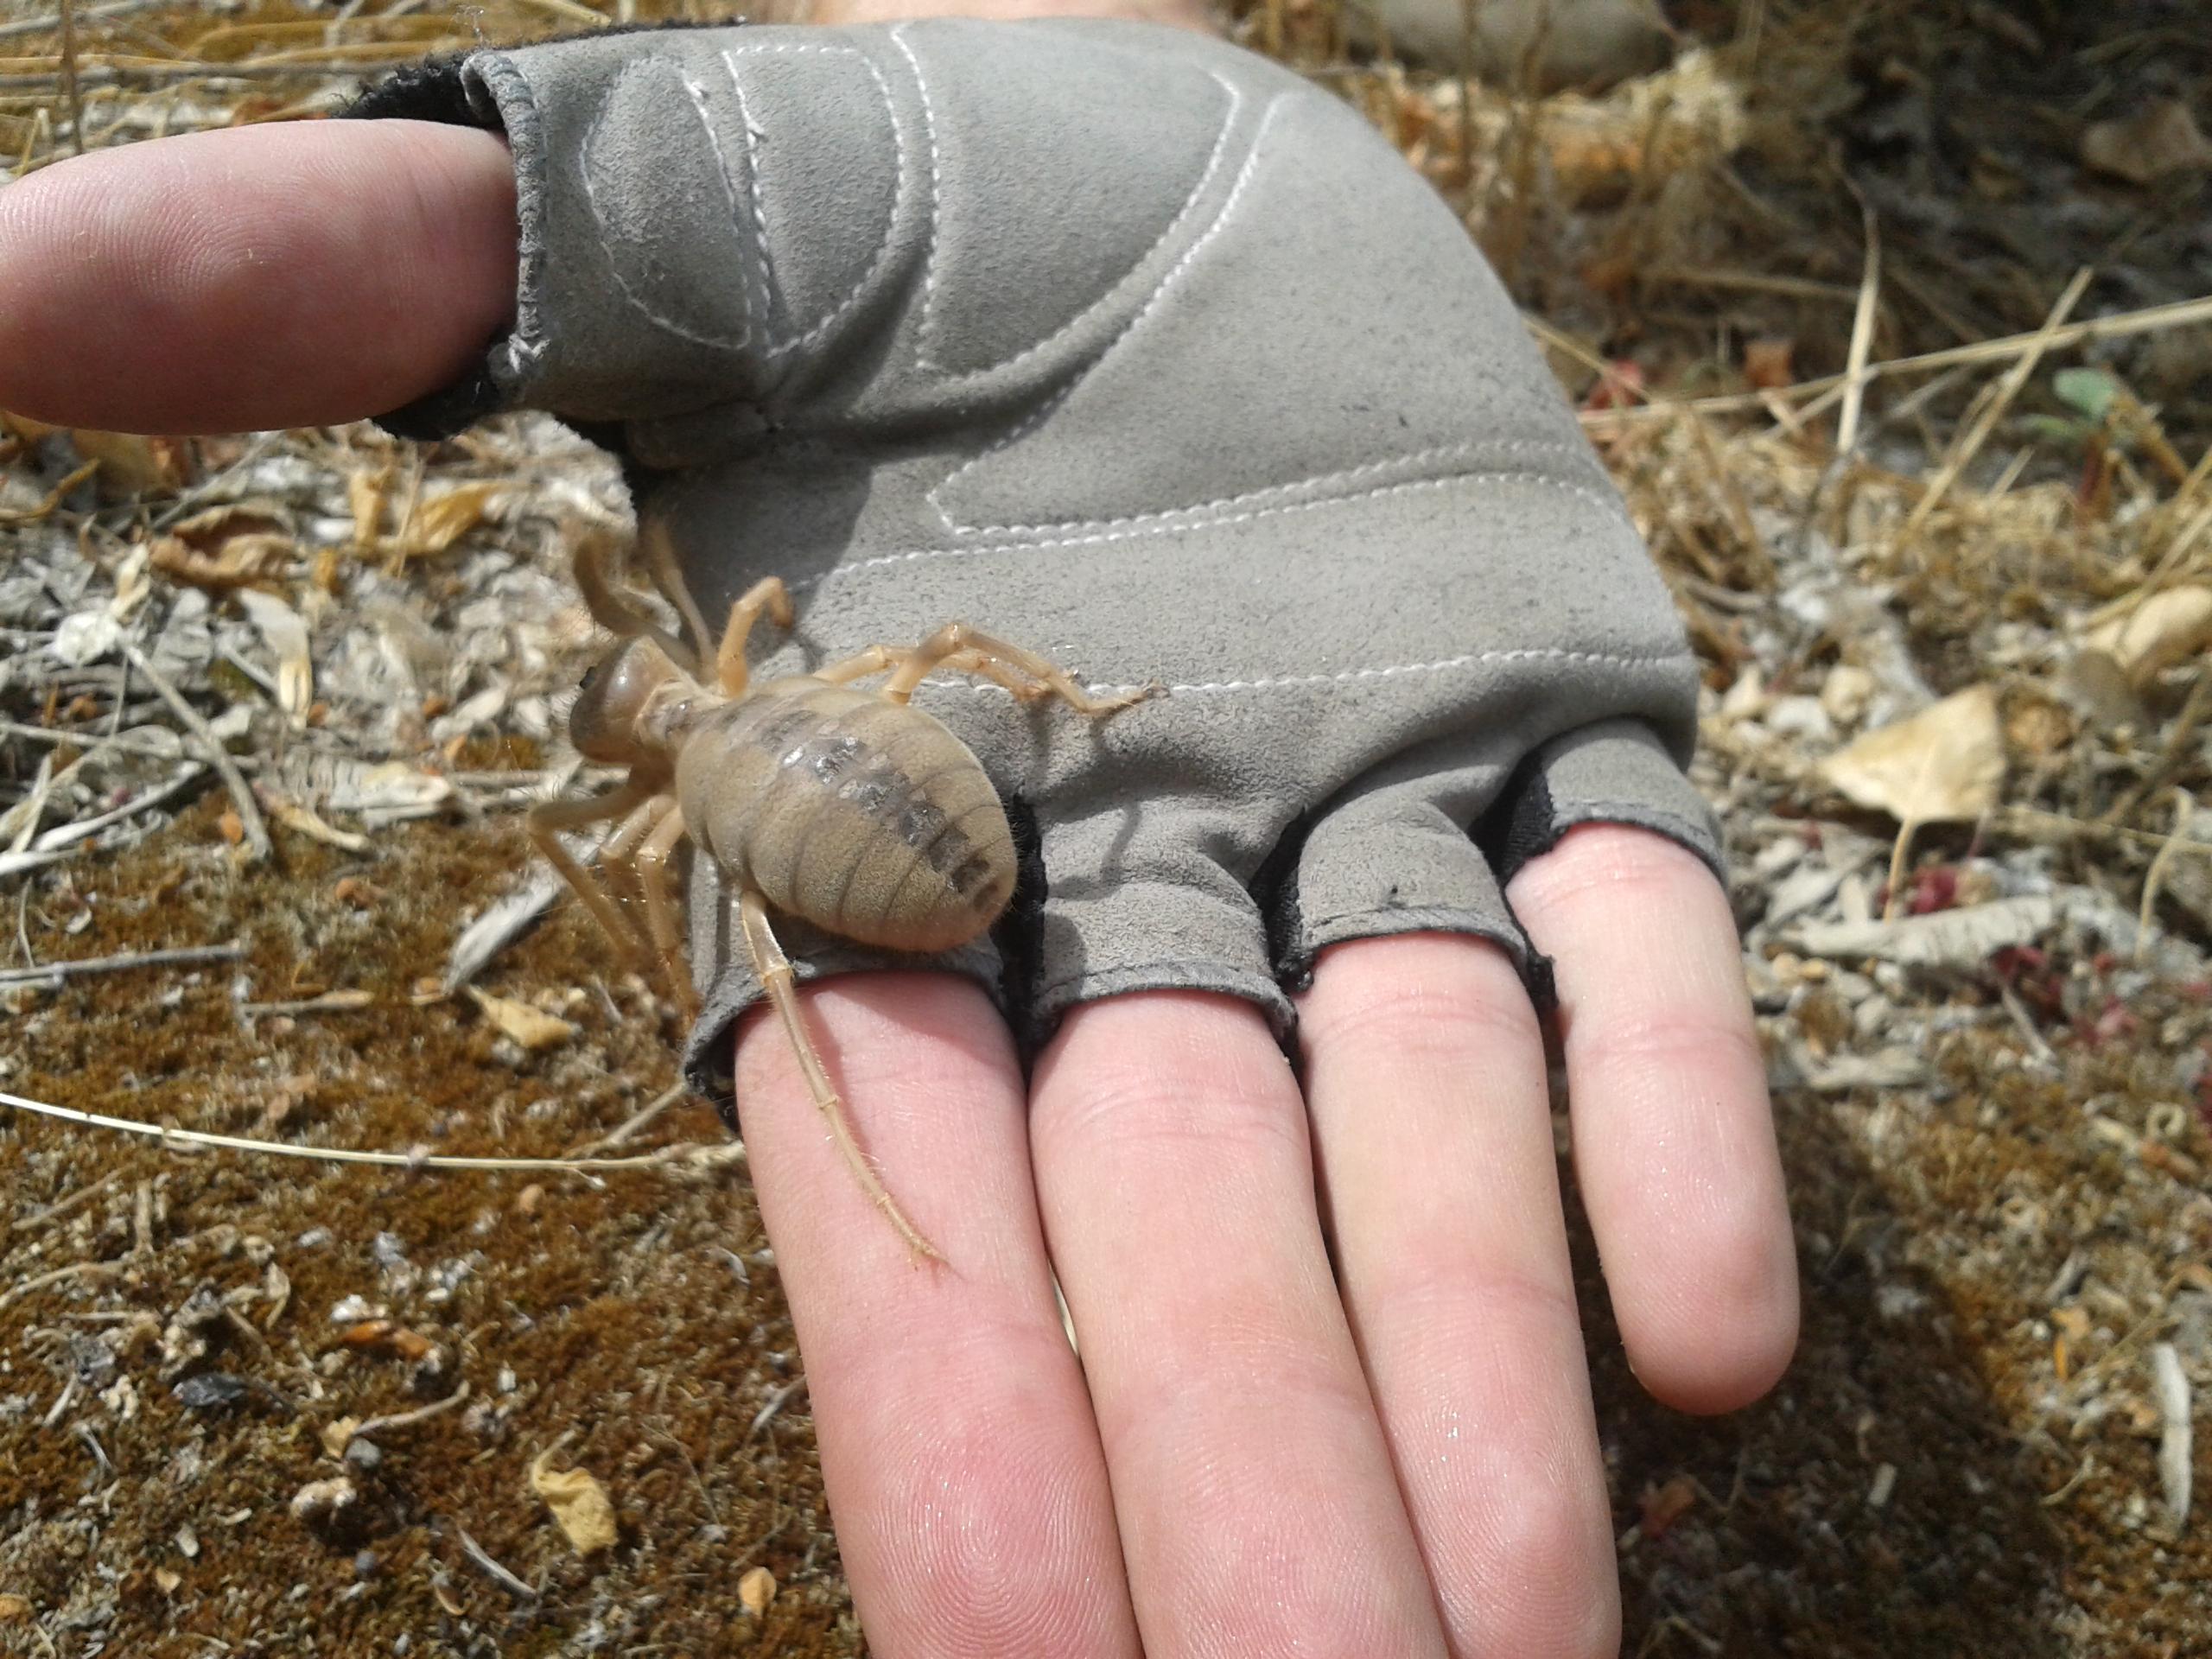 Файл:Сольпуга на руке 2.jpg — Википедия